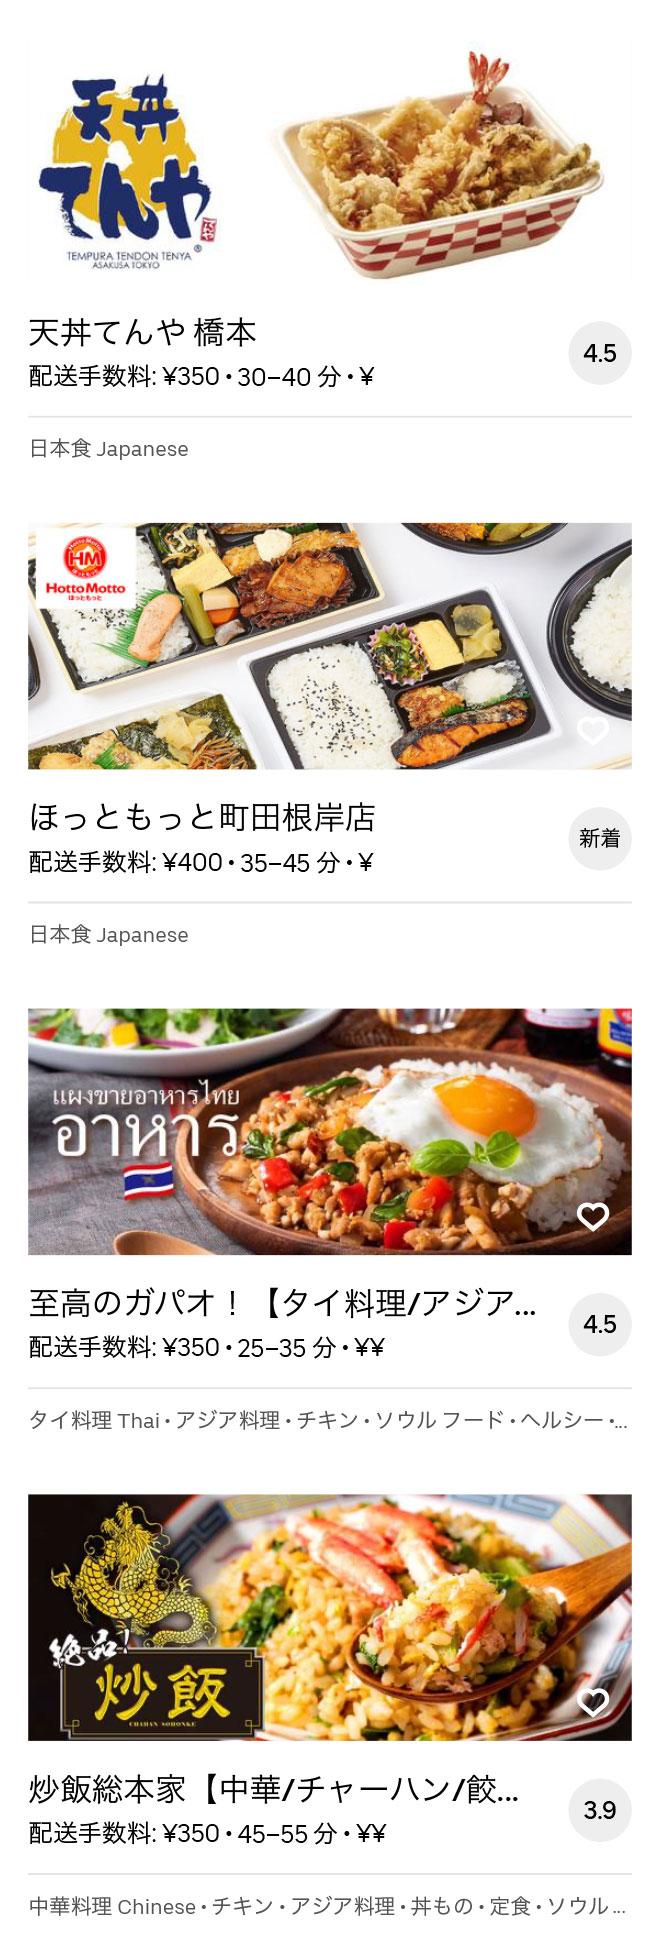 Sagamihara menu 2008 07